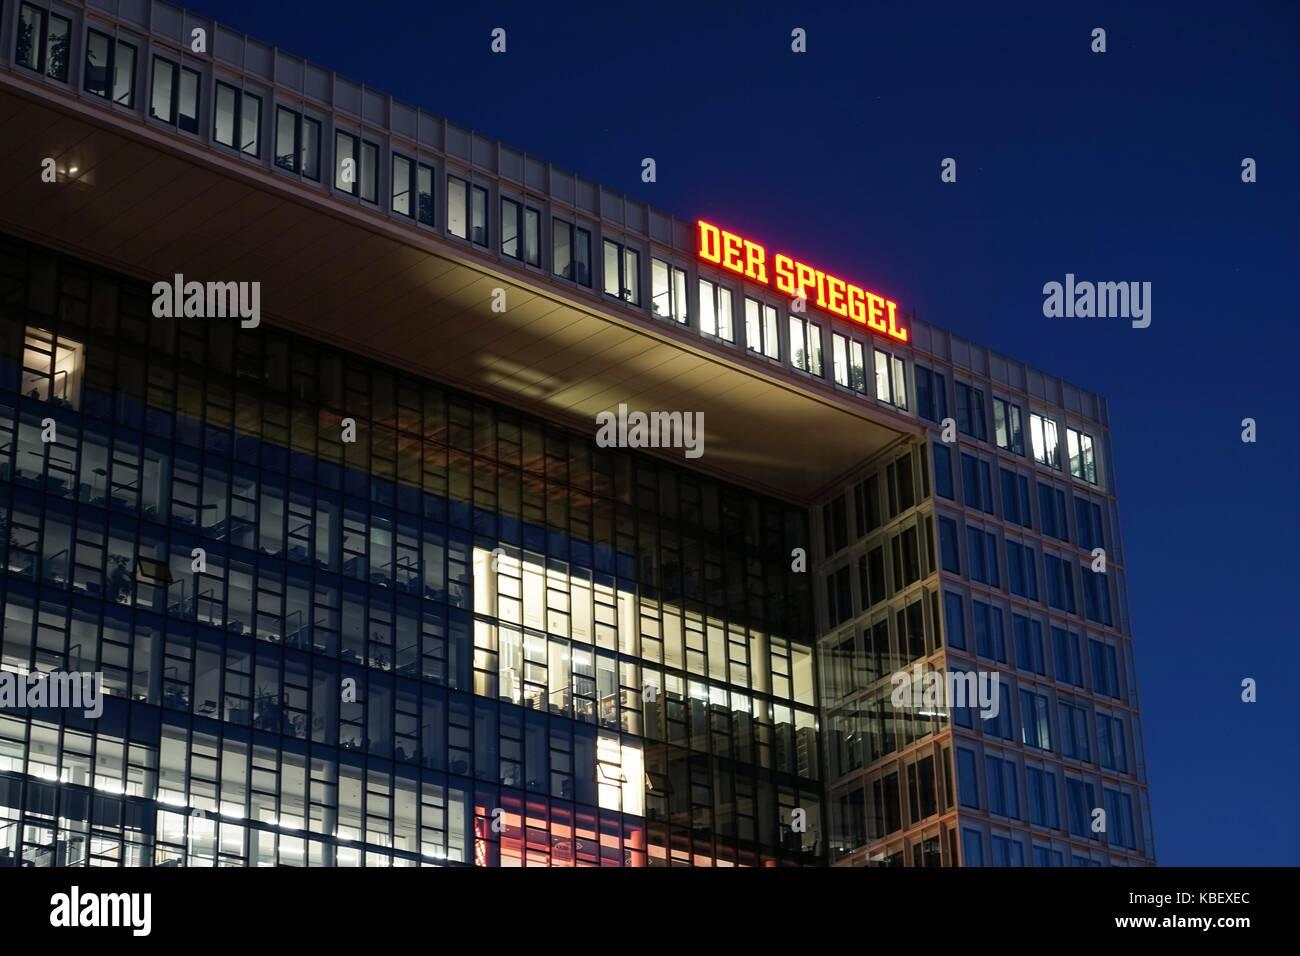 Spiegel affair stock photos spiegel affair stock images for Der spiegel hamburg